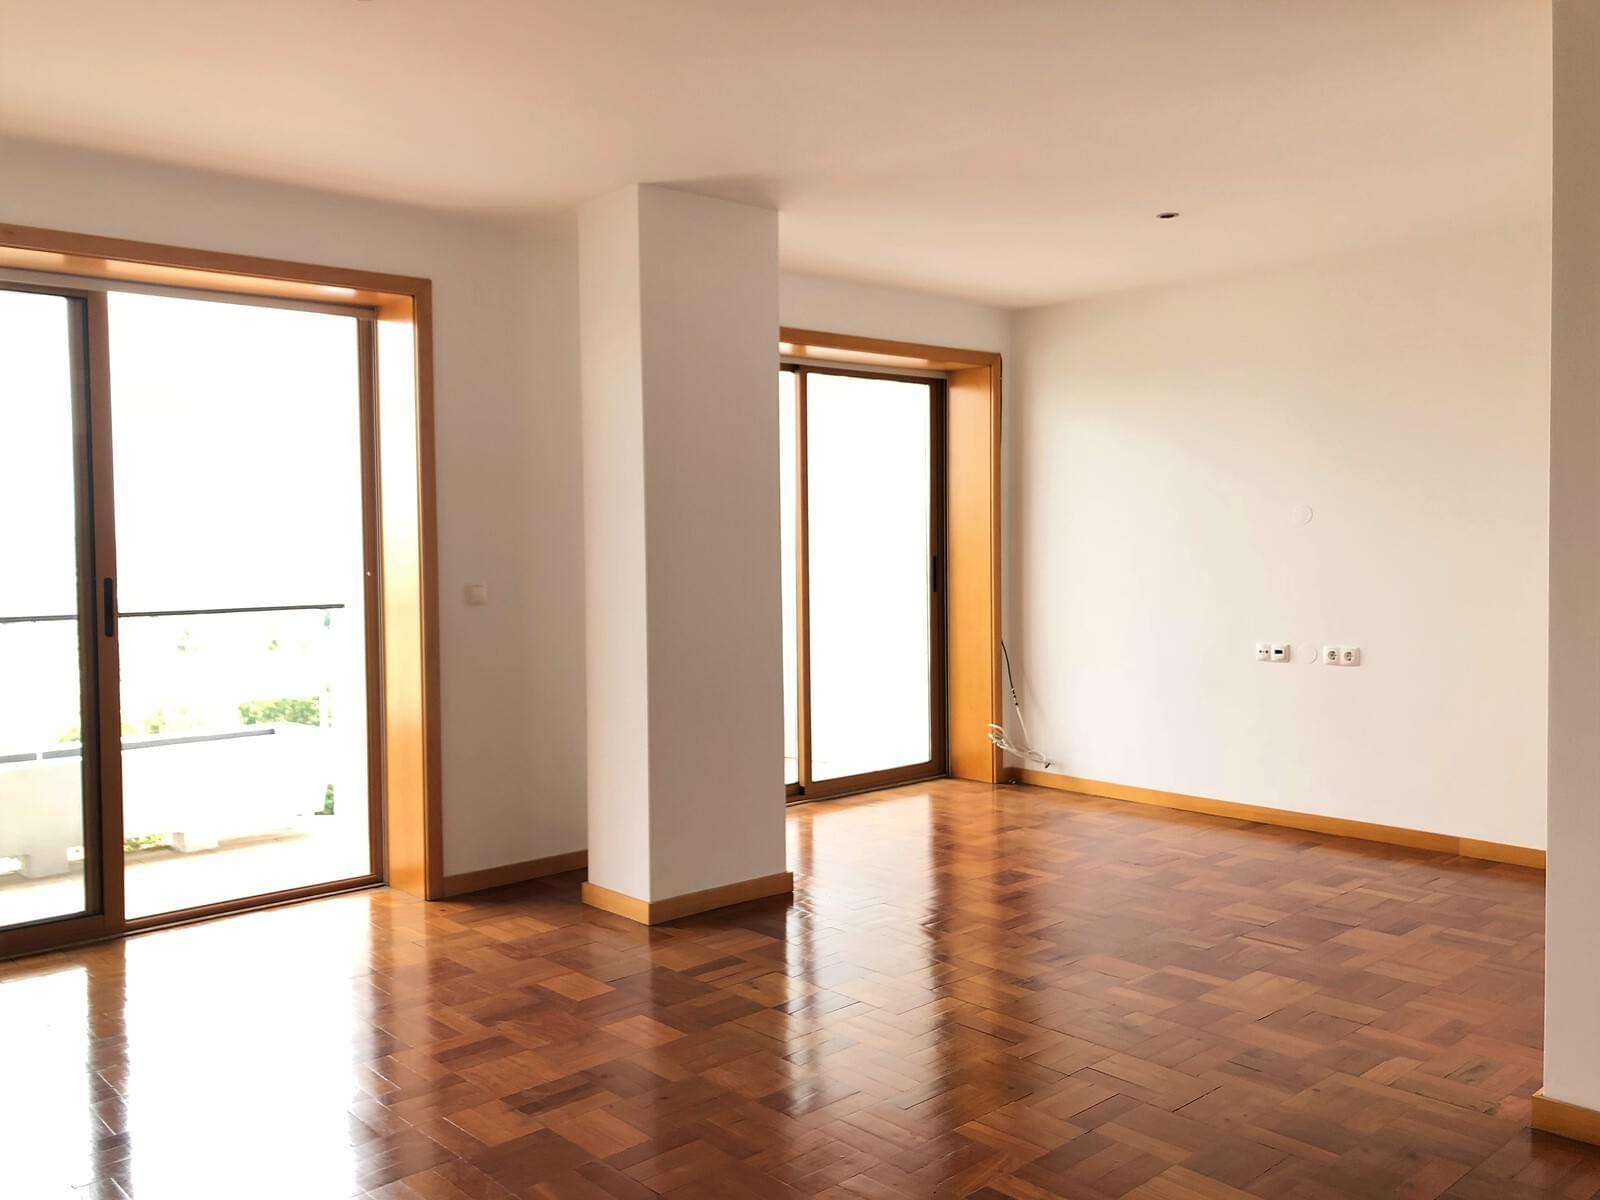 pf18040-apartamento-t3-lisboa-fcd2a932-a8bd-442c-abaf-ca54167d0235